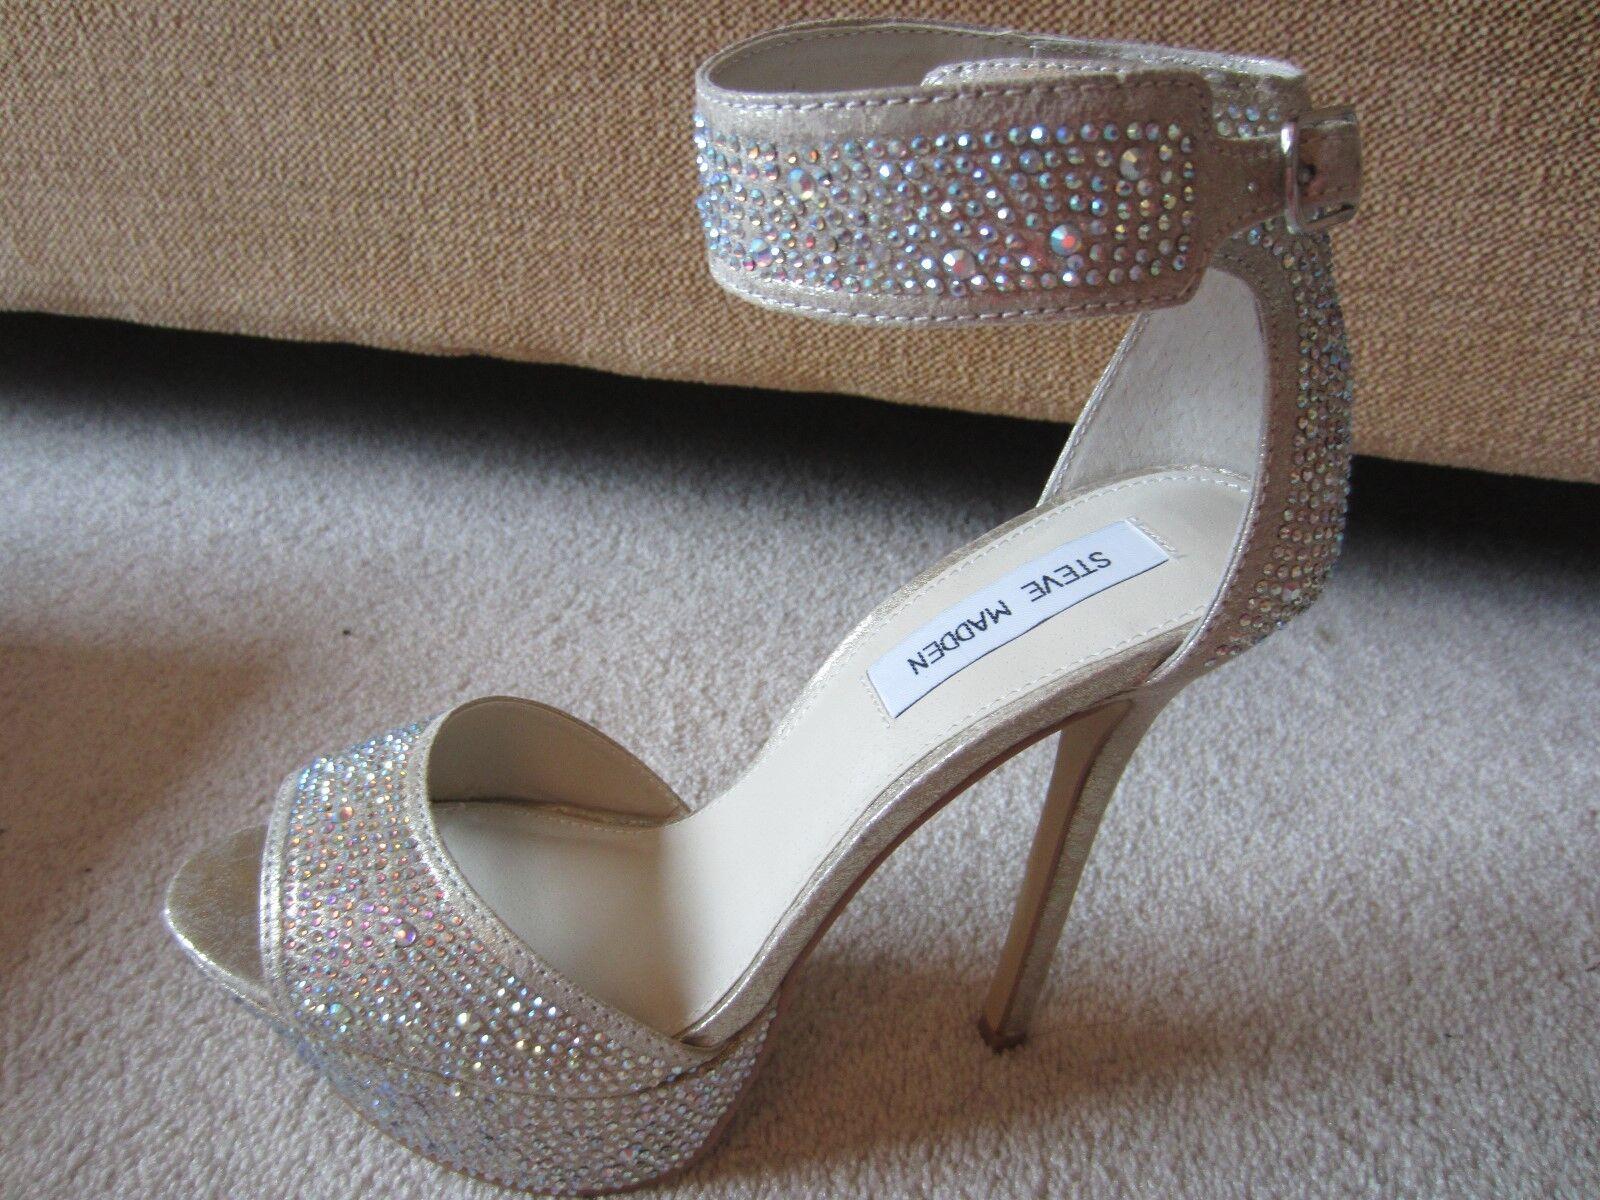 Steve Madden Damenschuhe Heels SILVER Metallic Carriie Platform Heels Damenschuhe Rhinestone BLING 8 b5c8cb